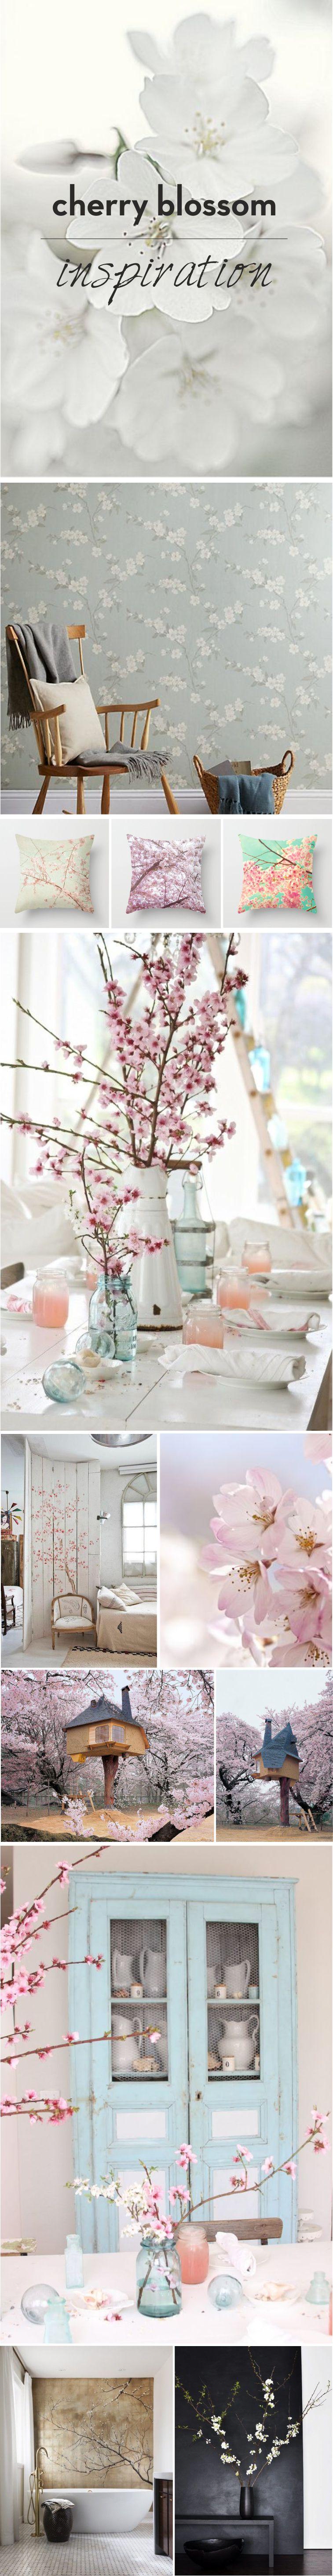 Cherry blossom Inspire